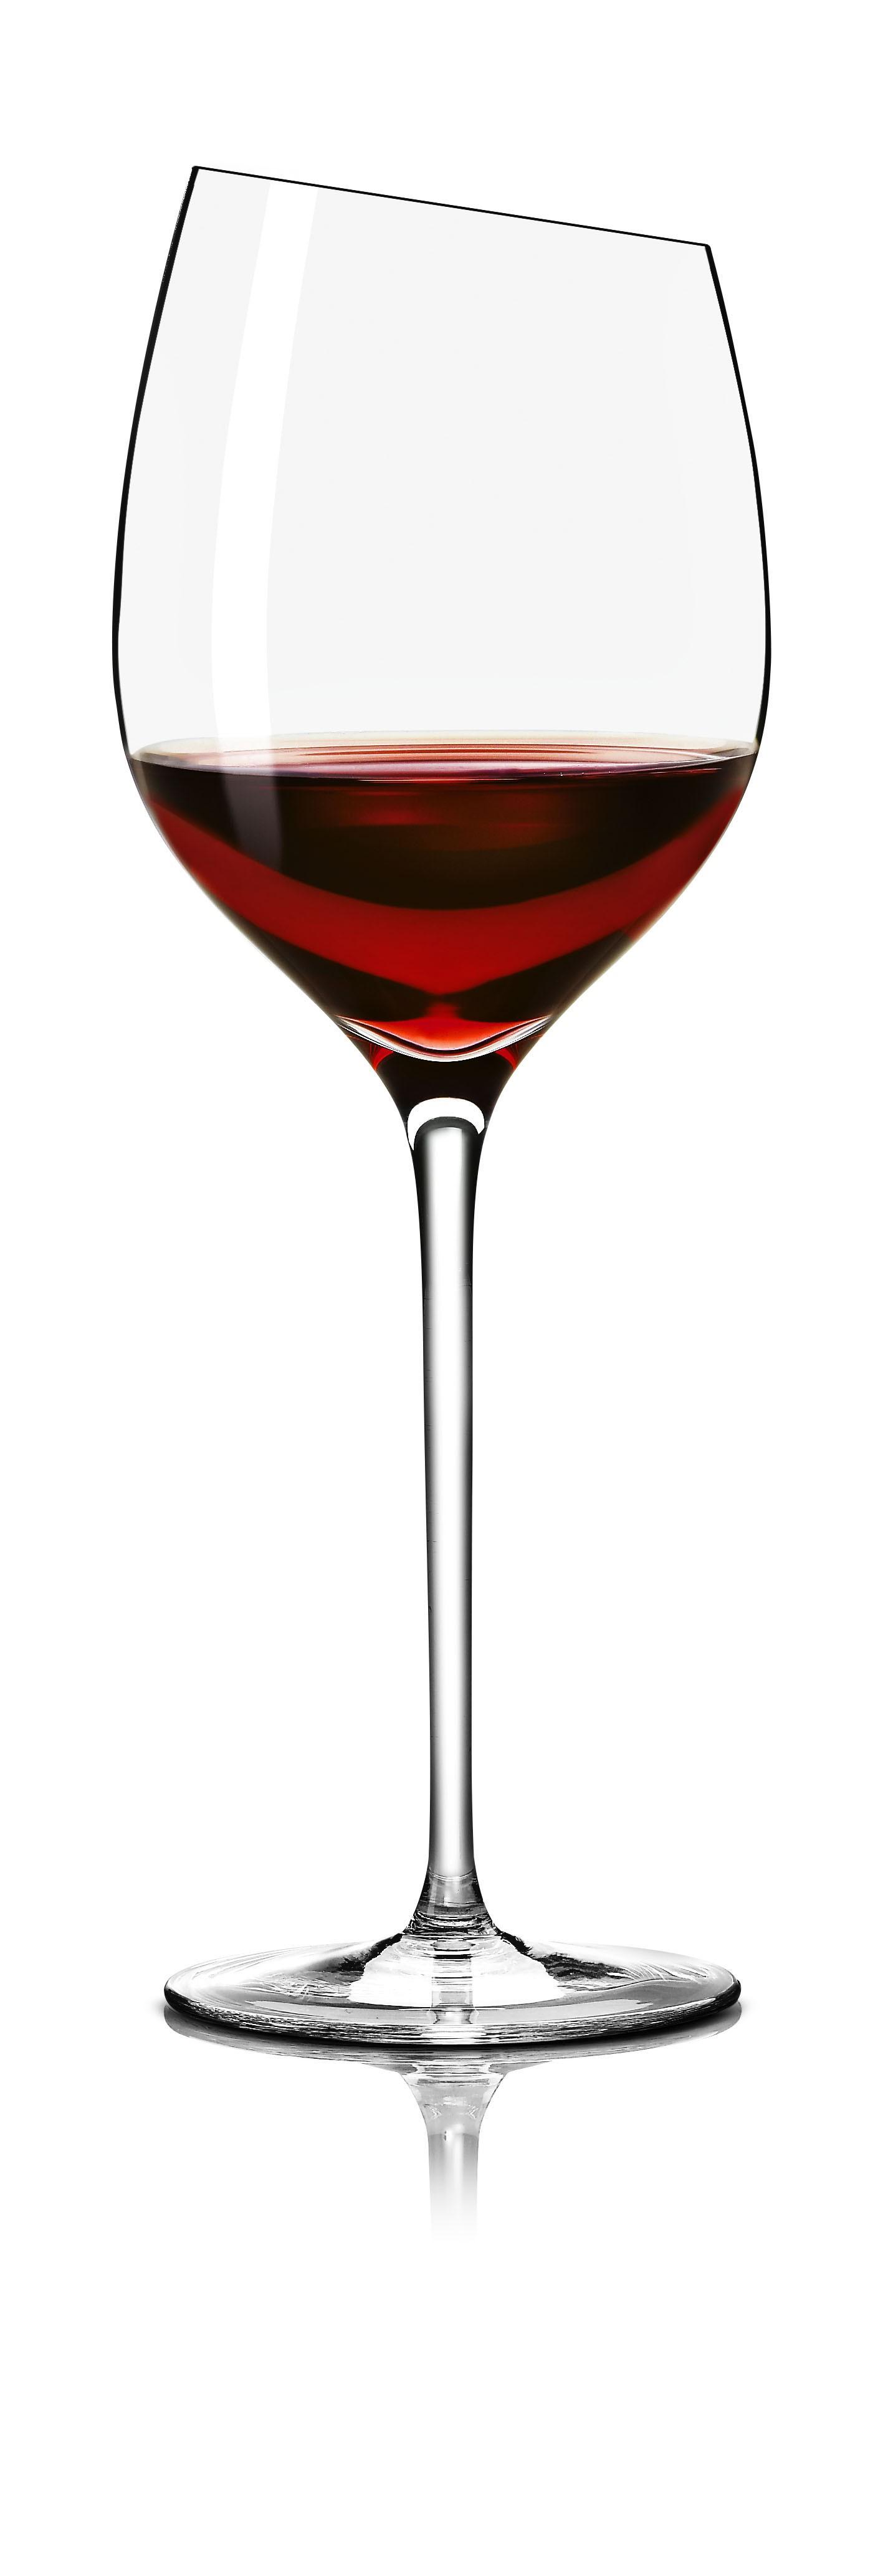 Vin du Rhône : Peut-on dresser un tableau des caractéristiques de ce genre de cépages ?